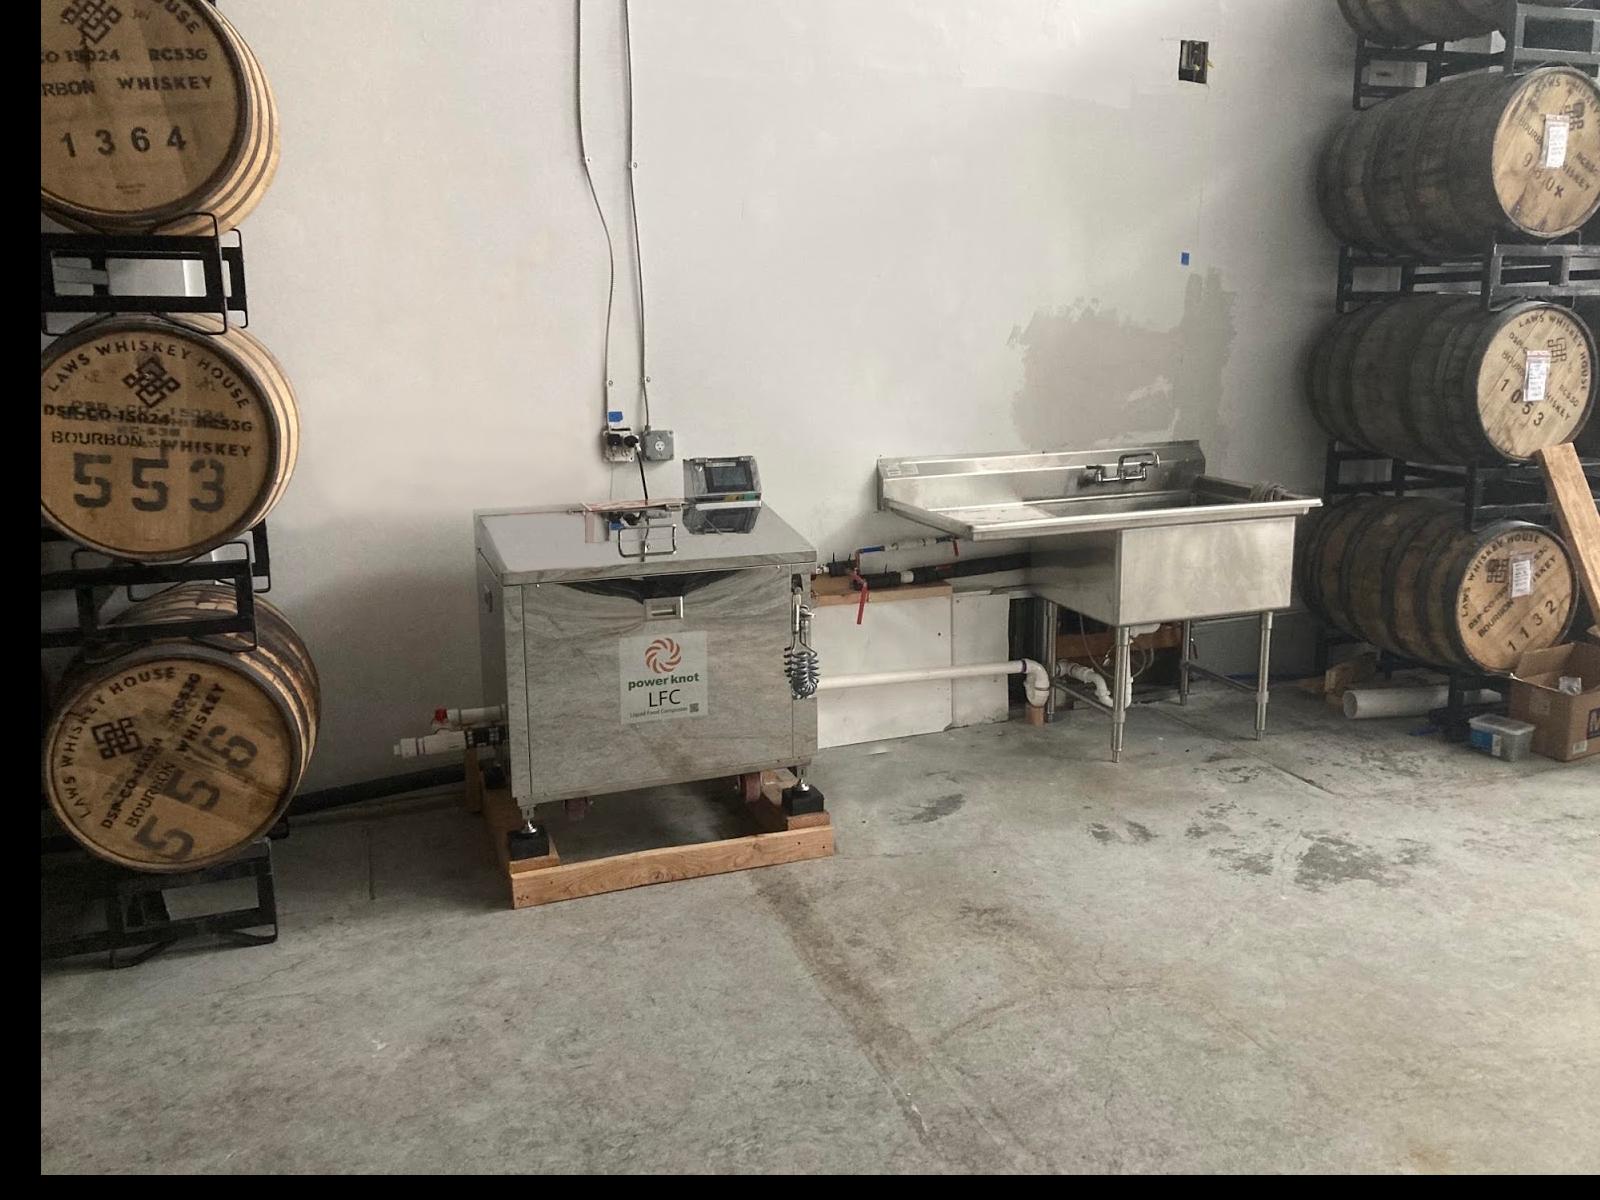 Food waste digester at Montanya Distillers